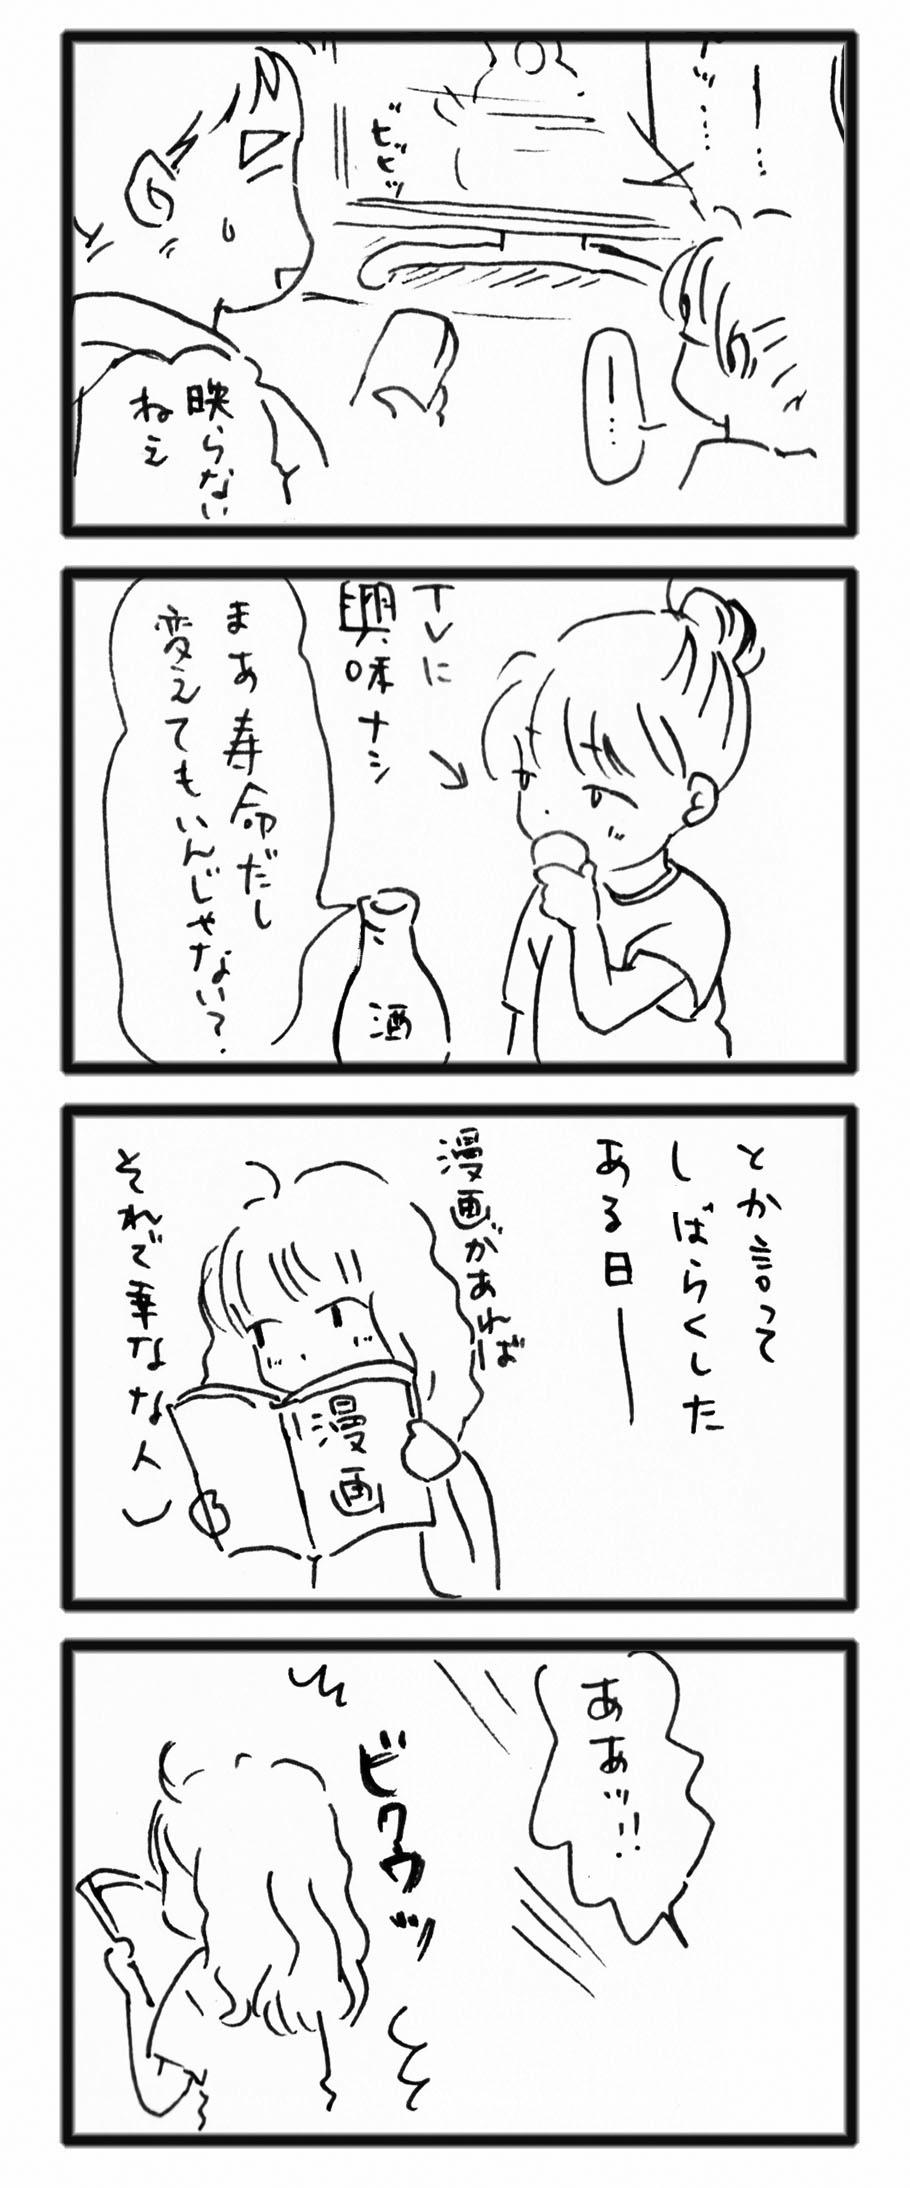 comic20121102.jpg